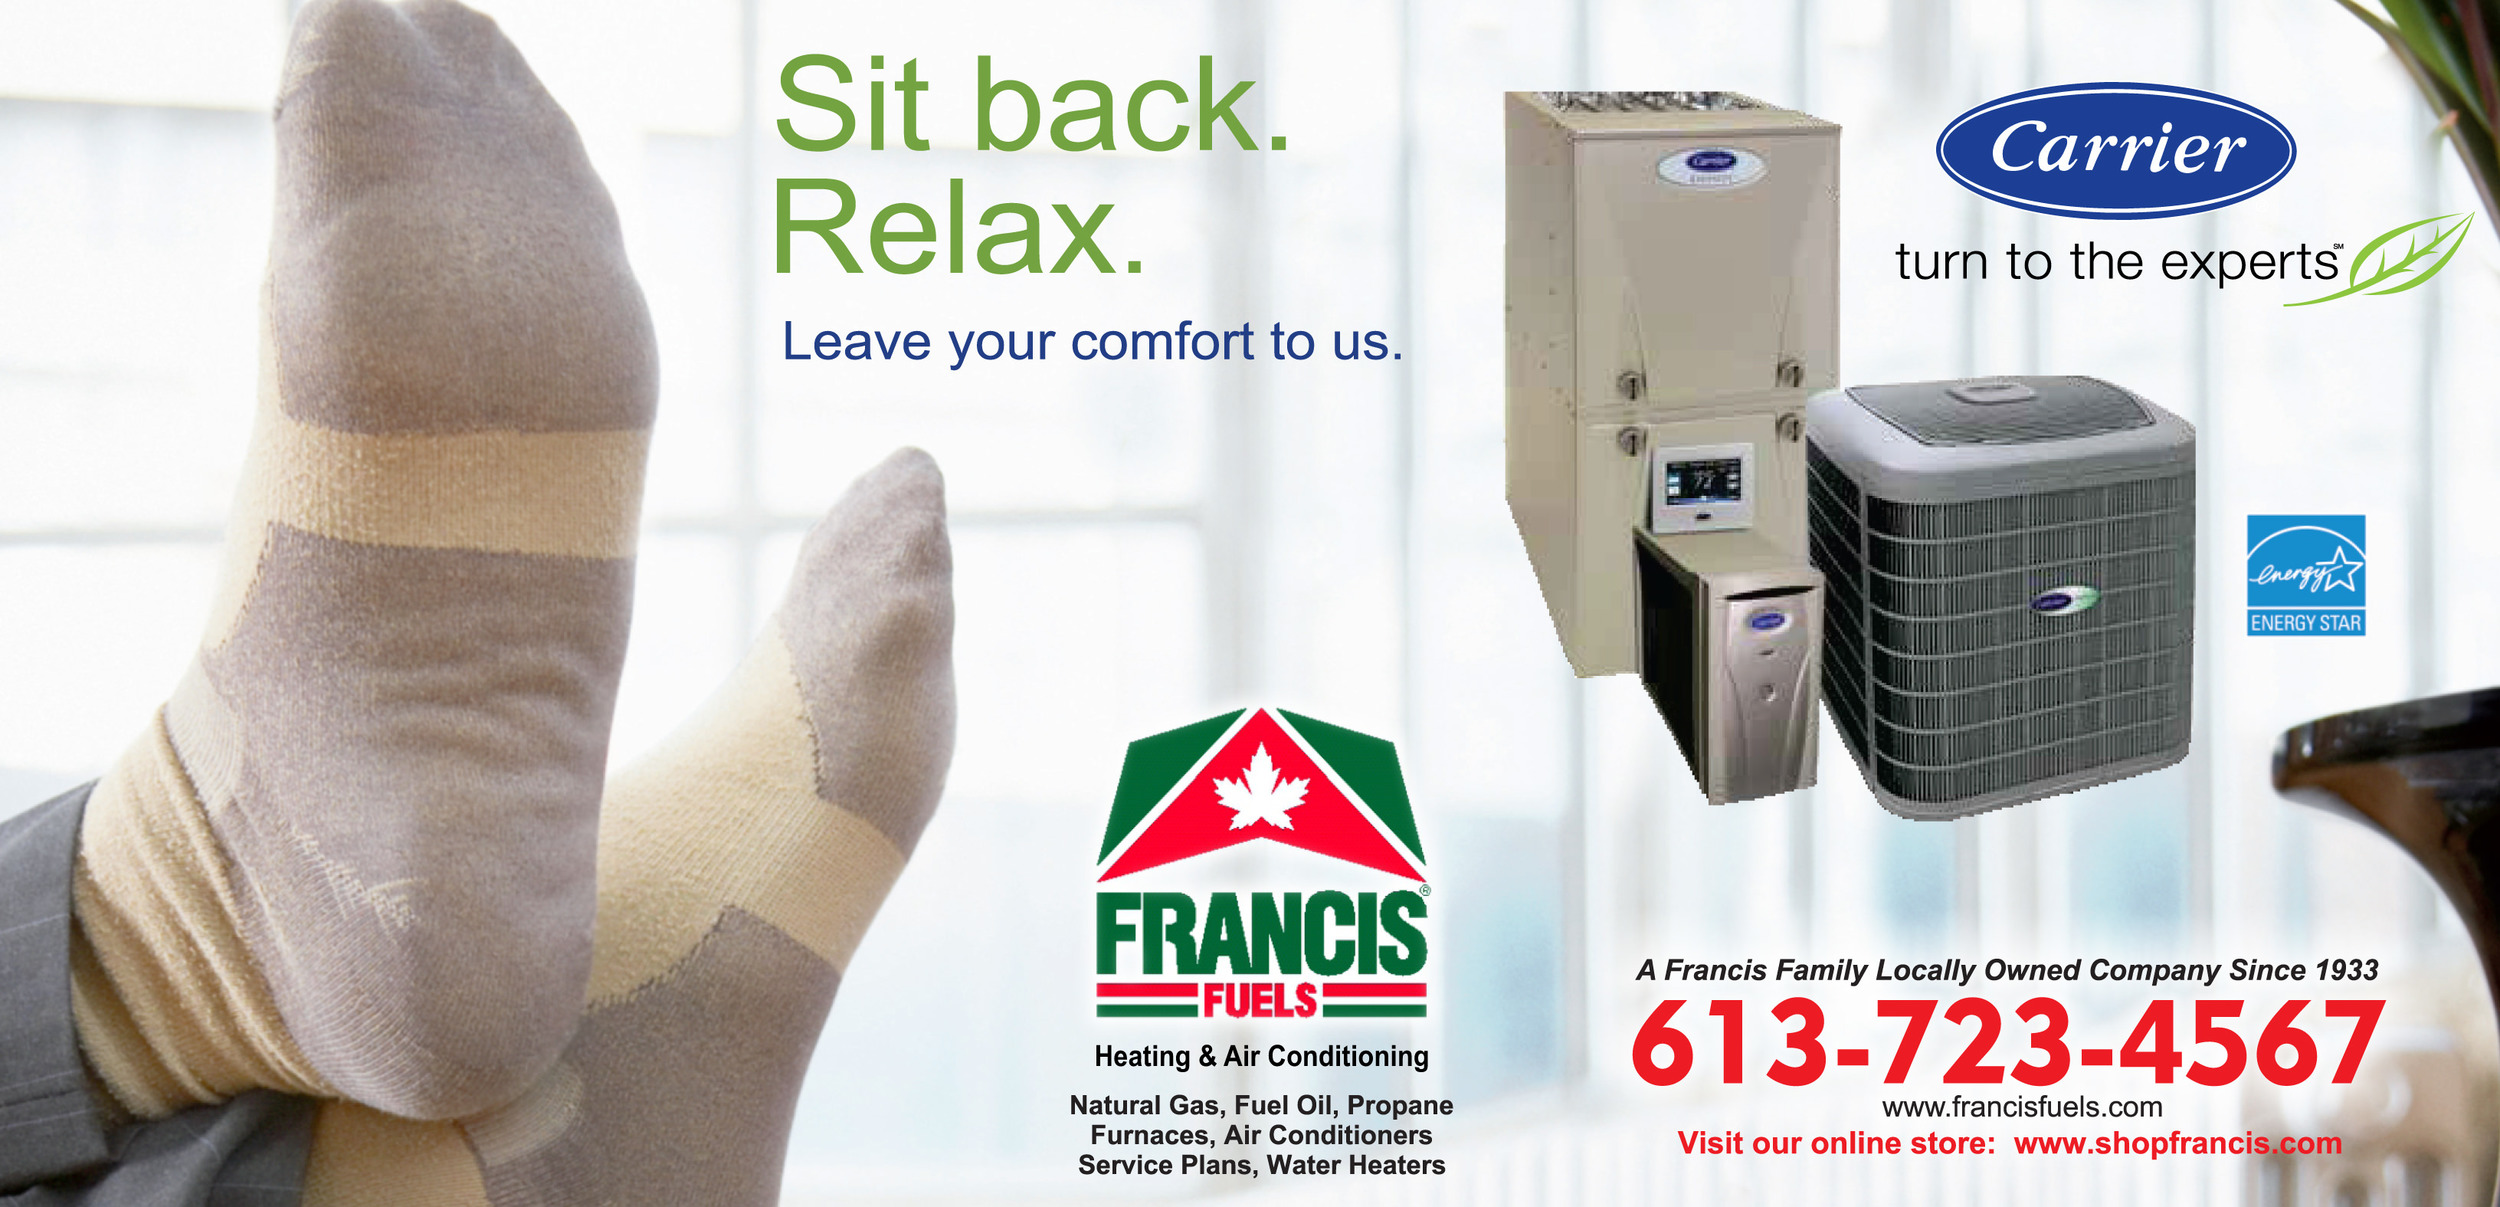 francis-fuels-1.jpg